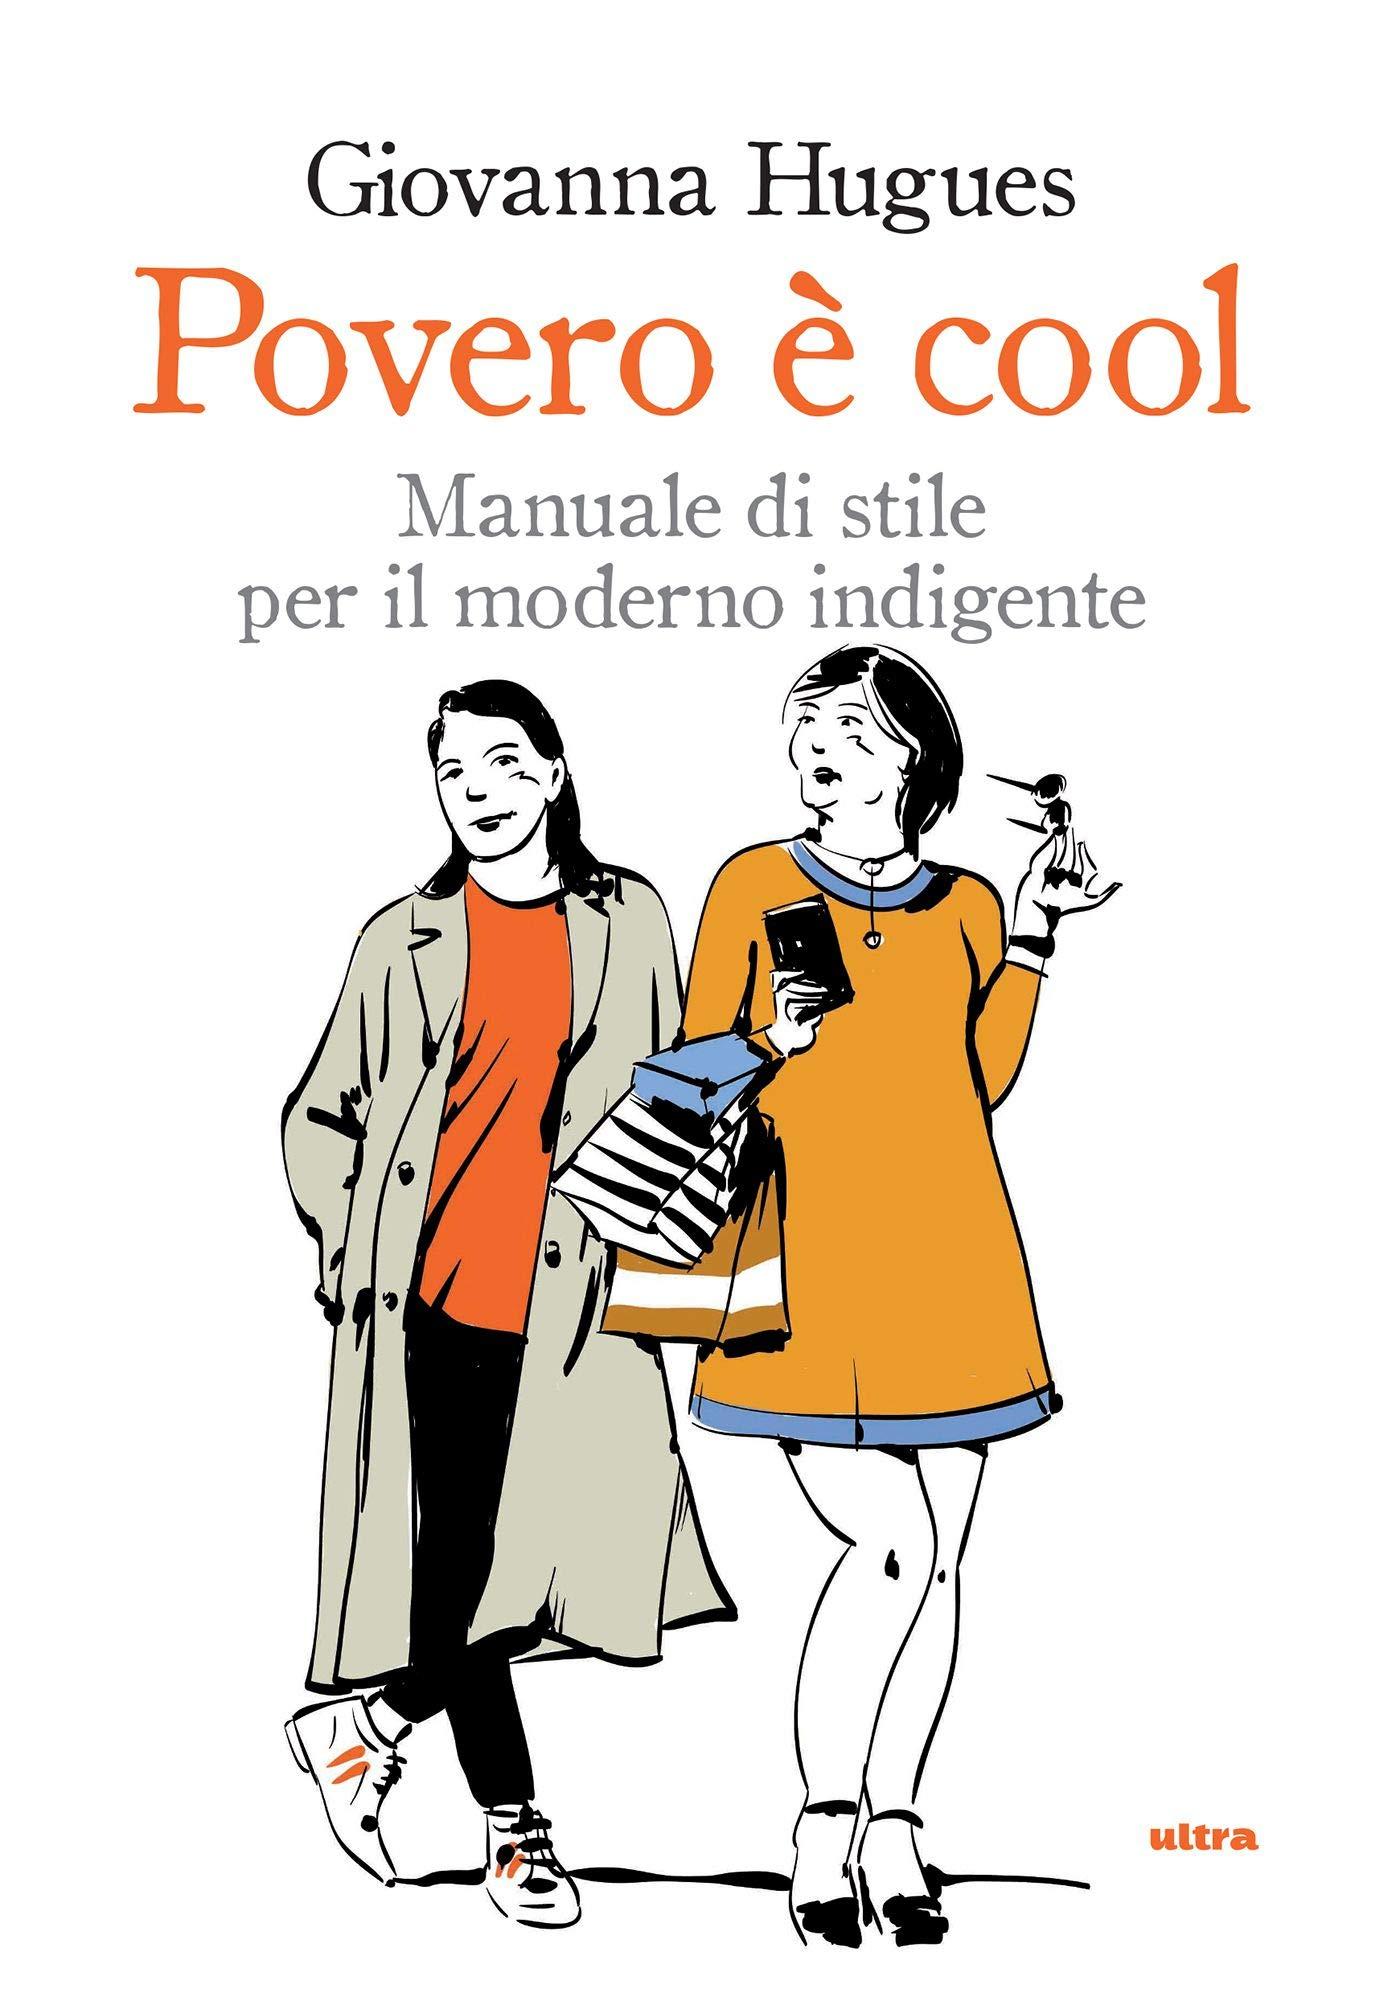 Povero è cool: Manuale di stile per il moderno indigente